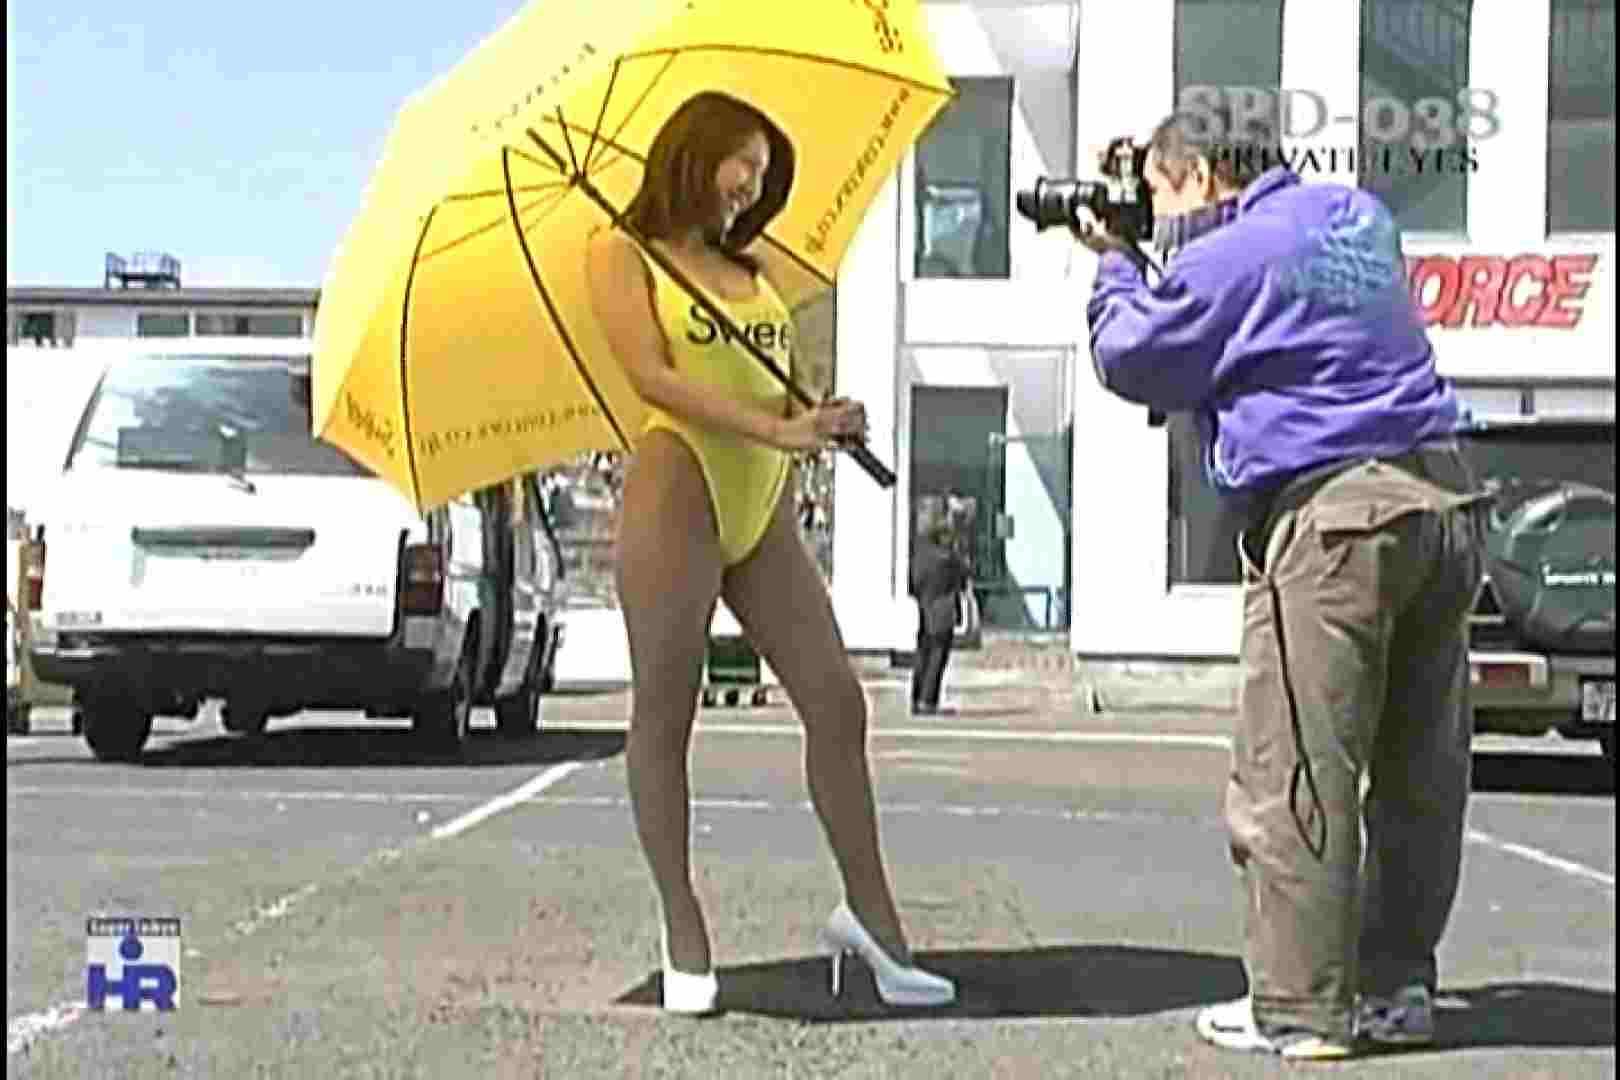 高画質版!SPD-038 サーキットの女神達 仙台ハイランドレースウェイ 高画質   プライベート  87pic 67